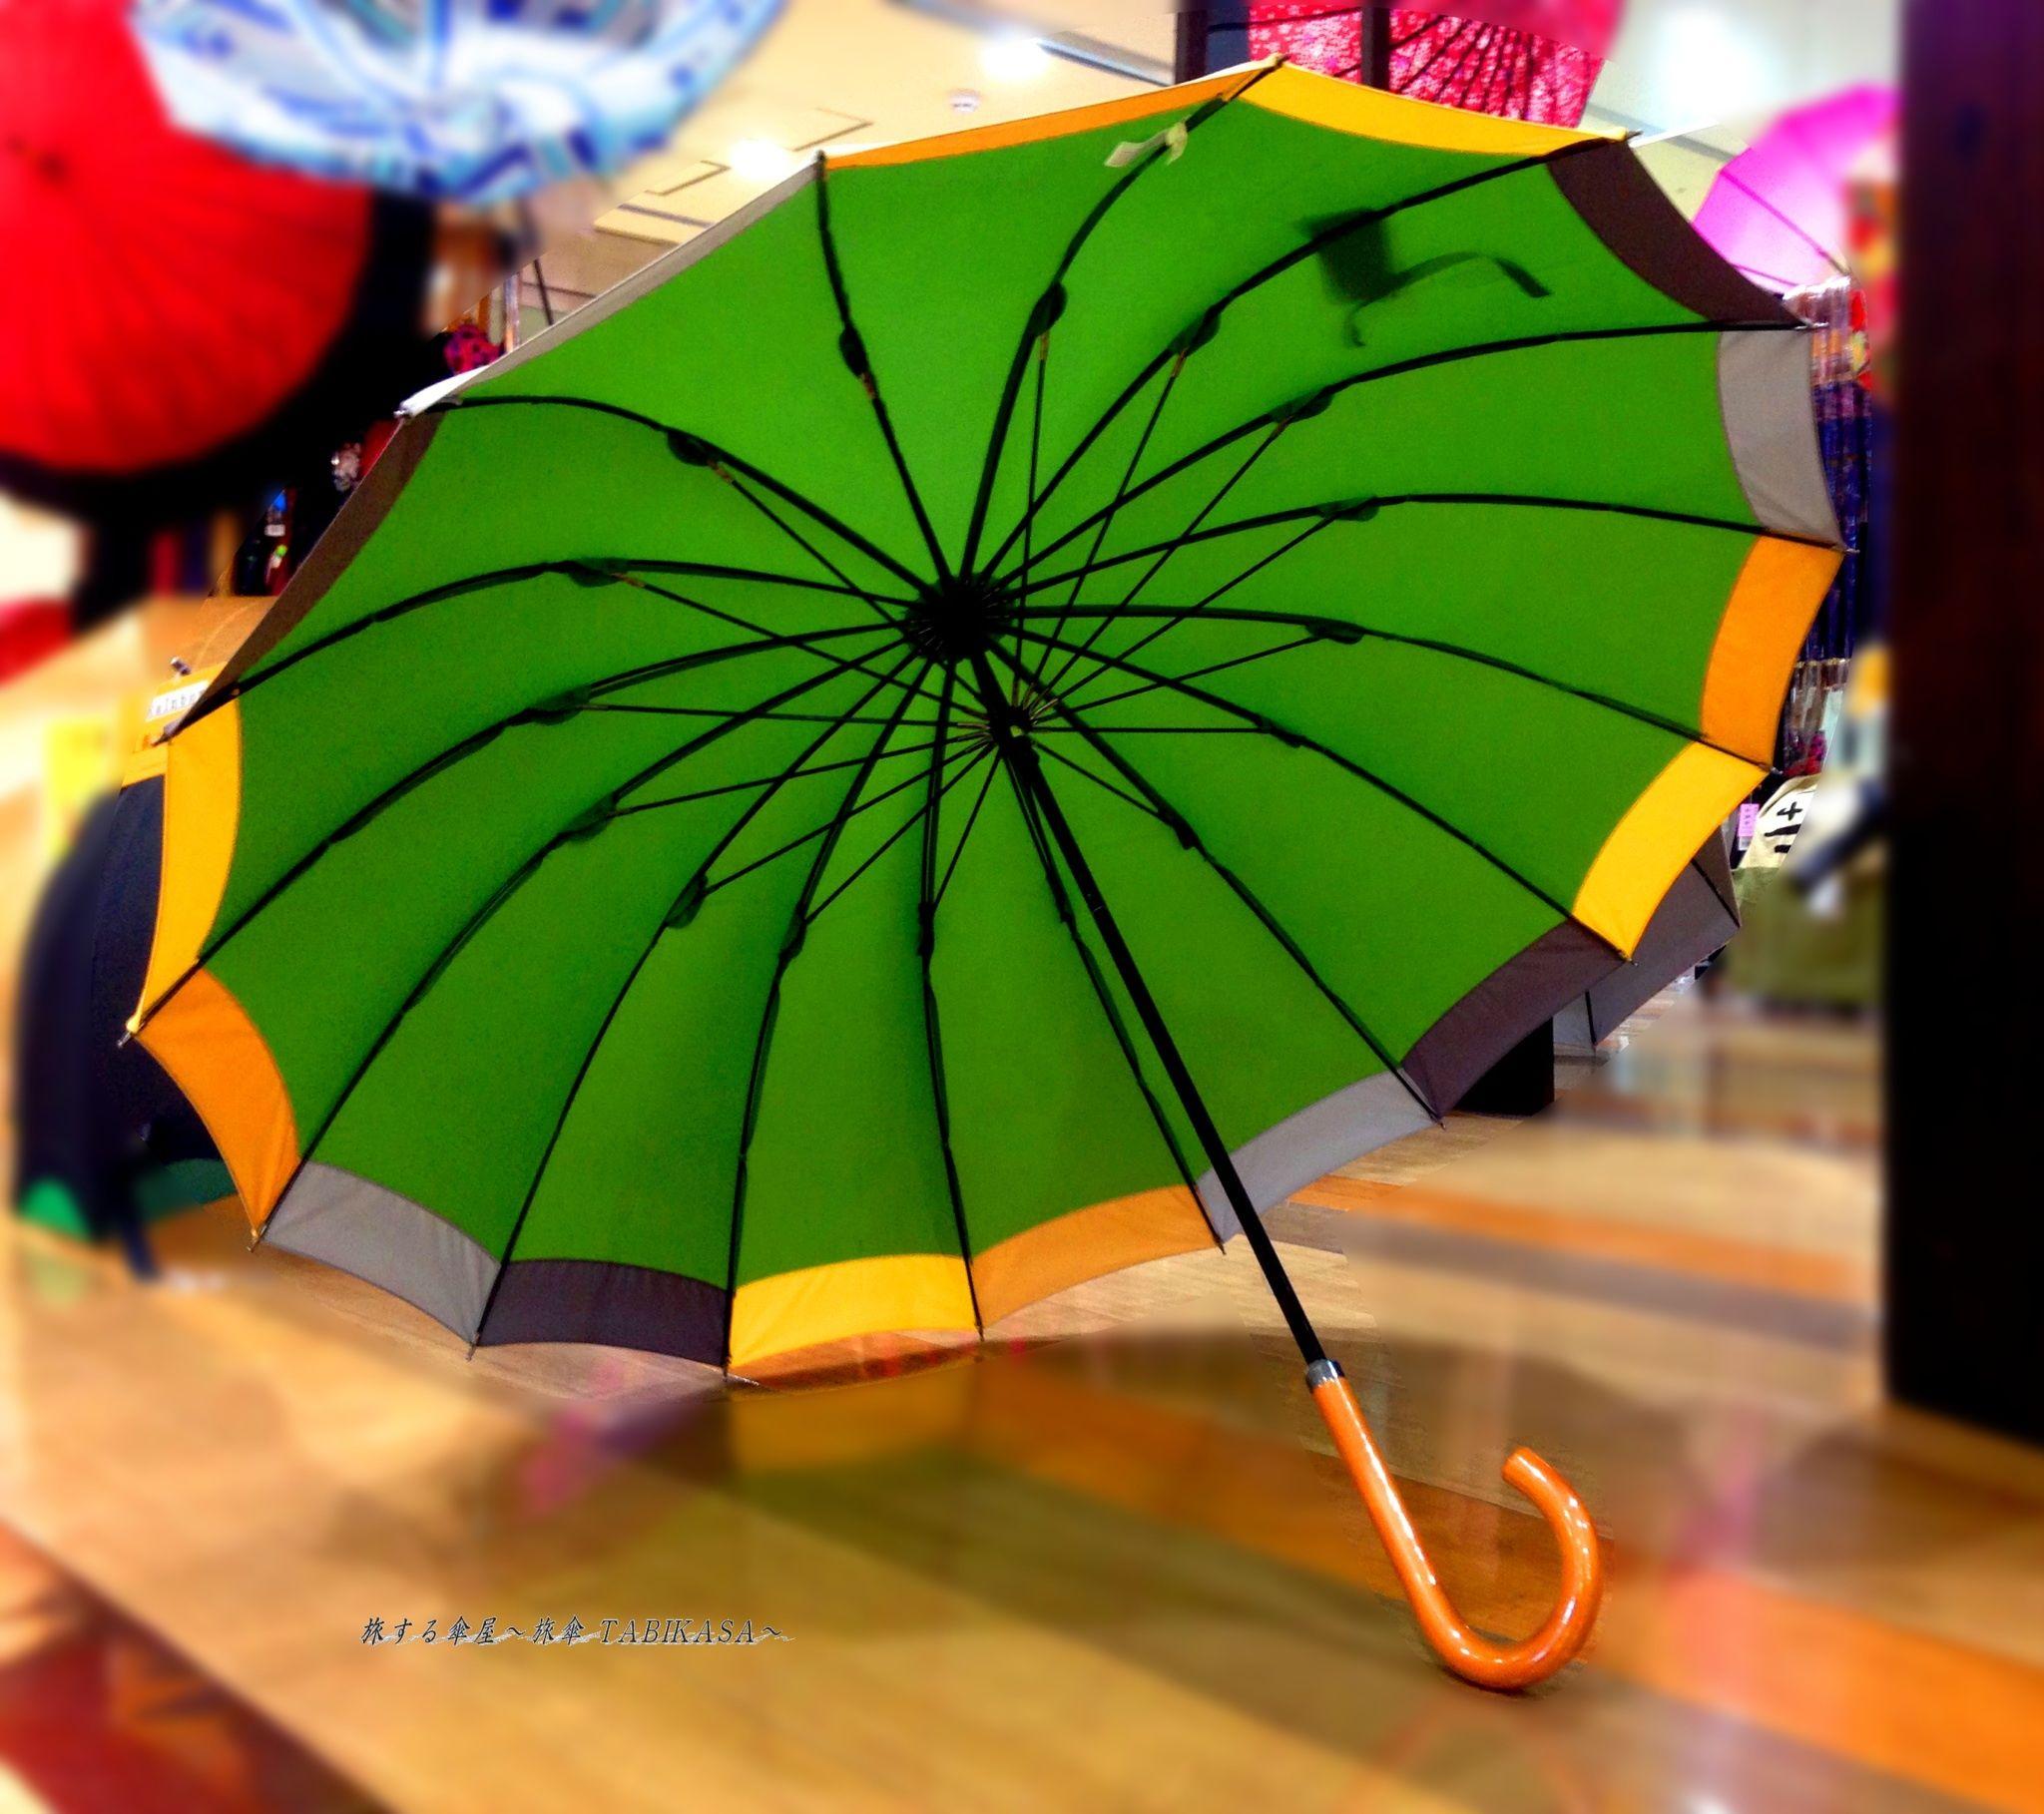 36本限定生産 傘専門店 通販 東京 雨傘 オリジナル メンズ レディース グラスファイバー サビない 超軽量 旅傘【ツートン 緑-濃灰/灰/濃肌/黄】